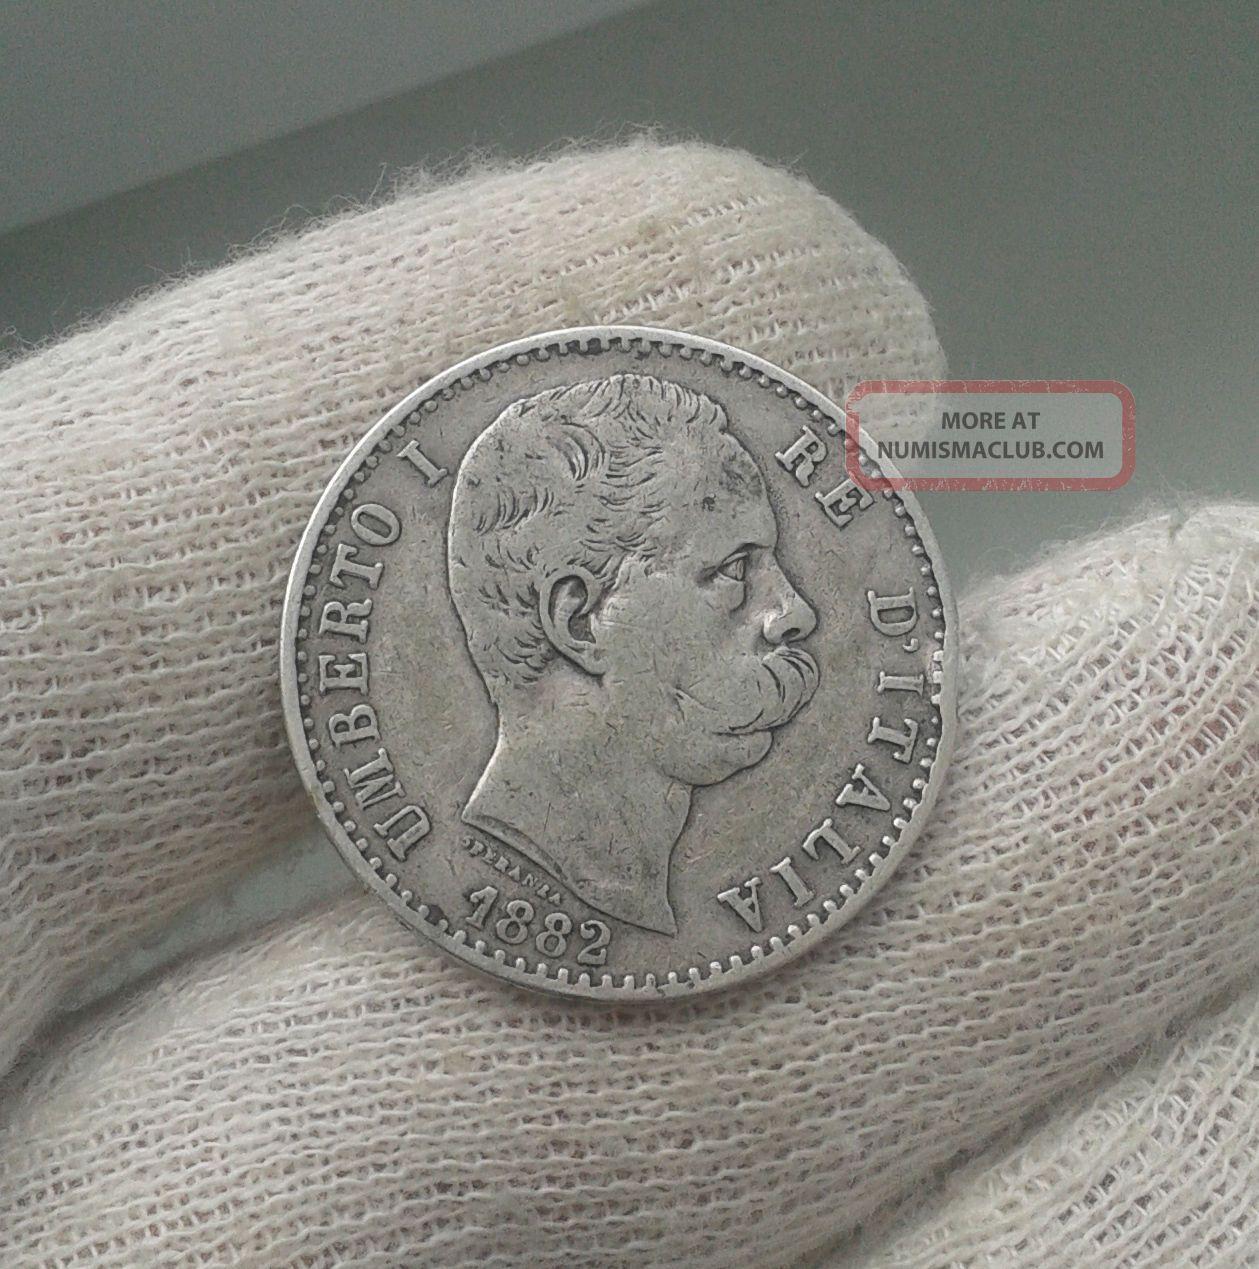 Italy Kingdom 1882 Umberto I.  2 Lira Silver Foreign Coin Rome Italy, San Marino, Vatican photo